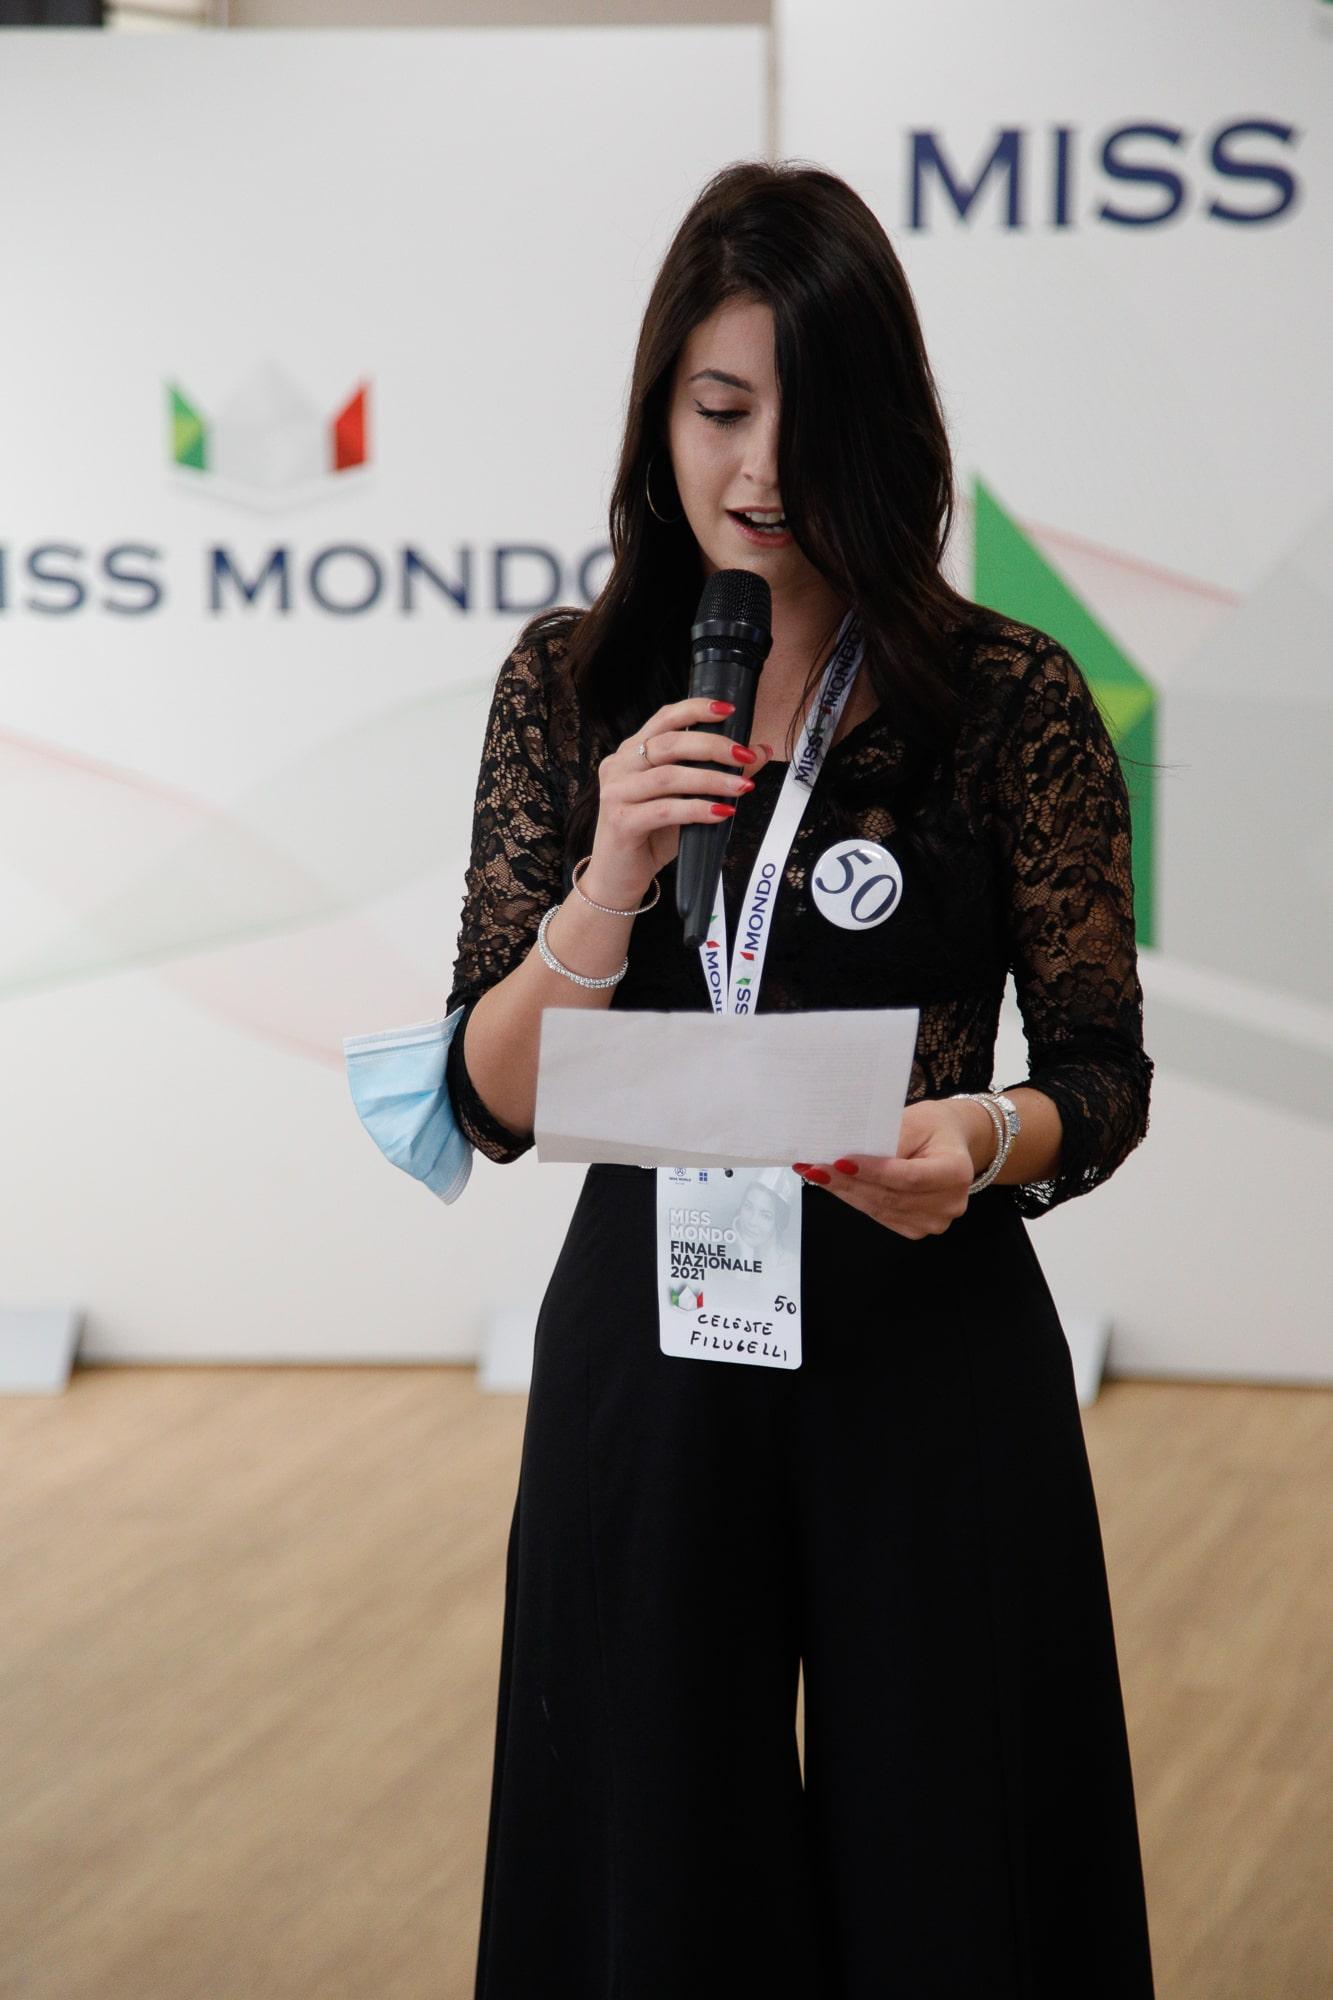 Finale nazione Miss Mondo Italia 2021 Audizione Talent 2 - 6